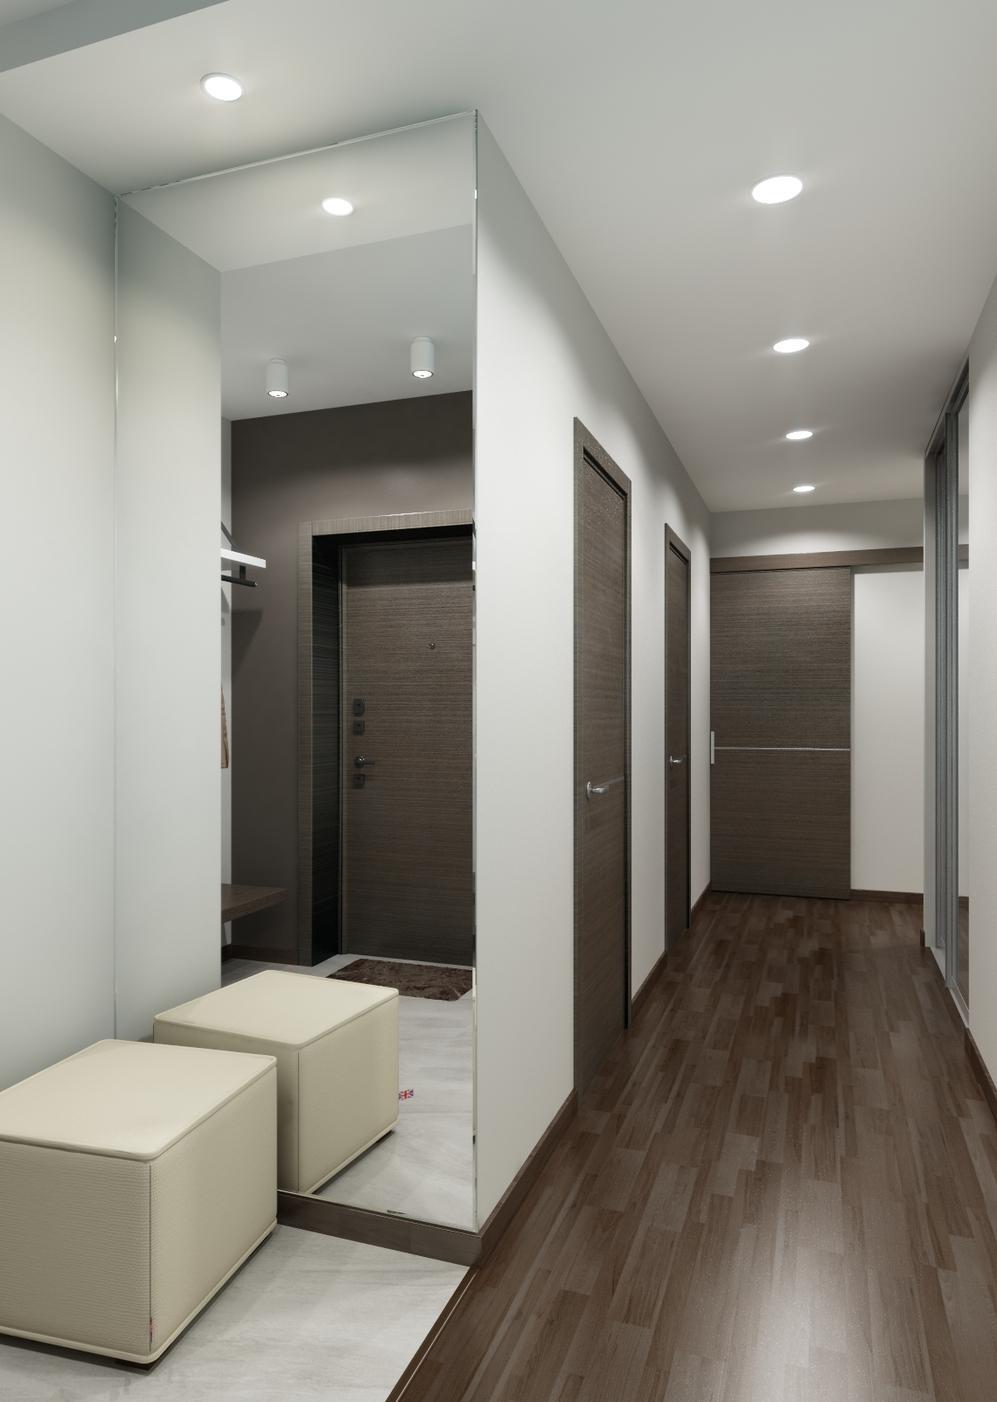 Точечные светильники в коридоре в стиле хай-тек